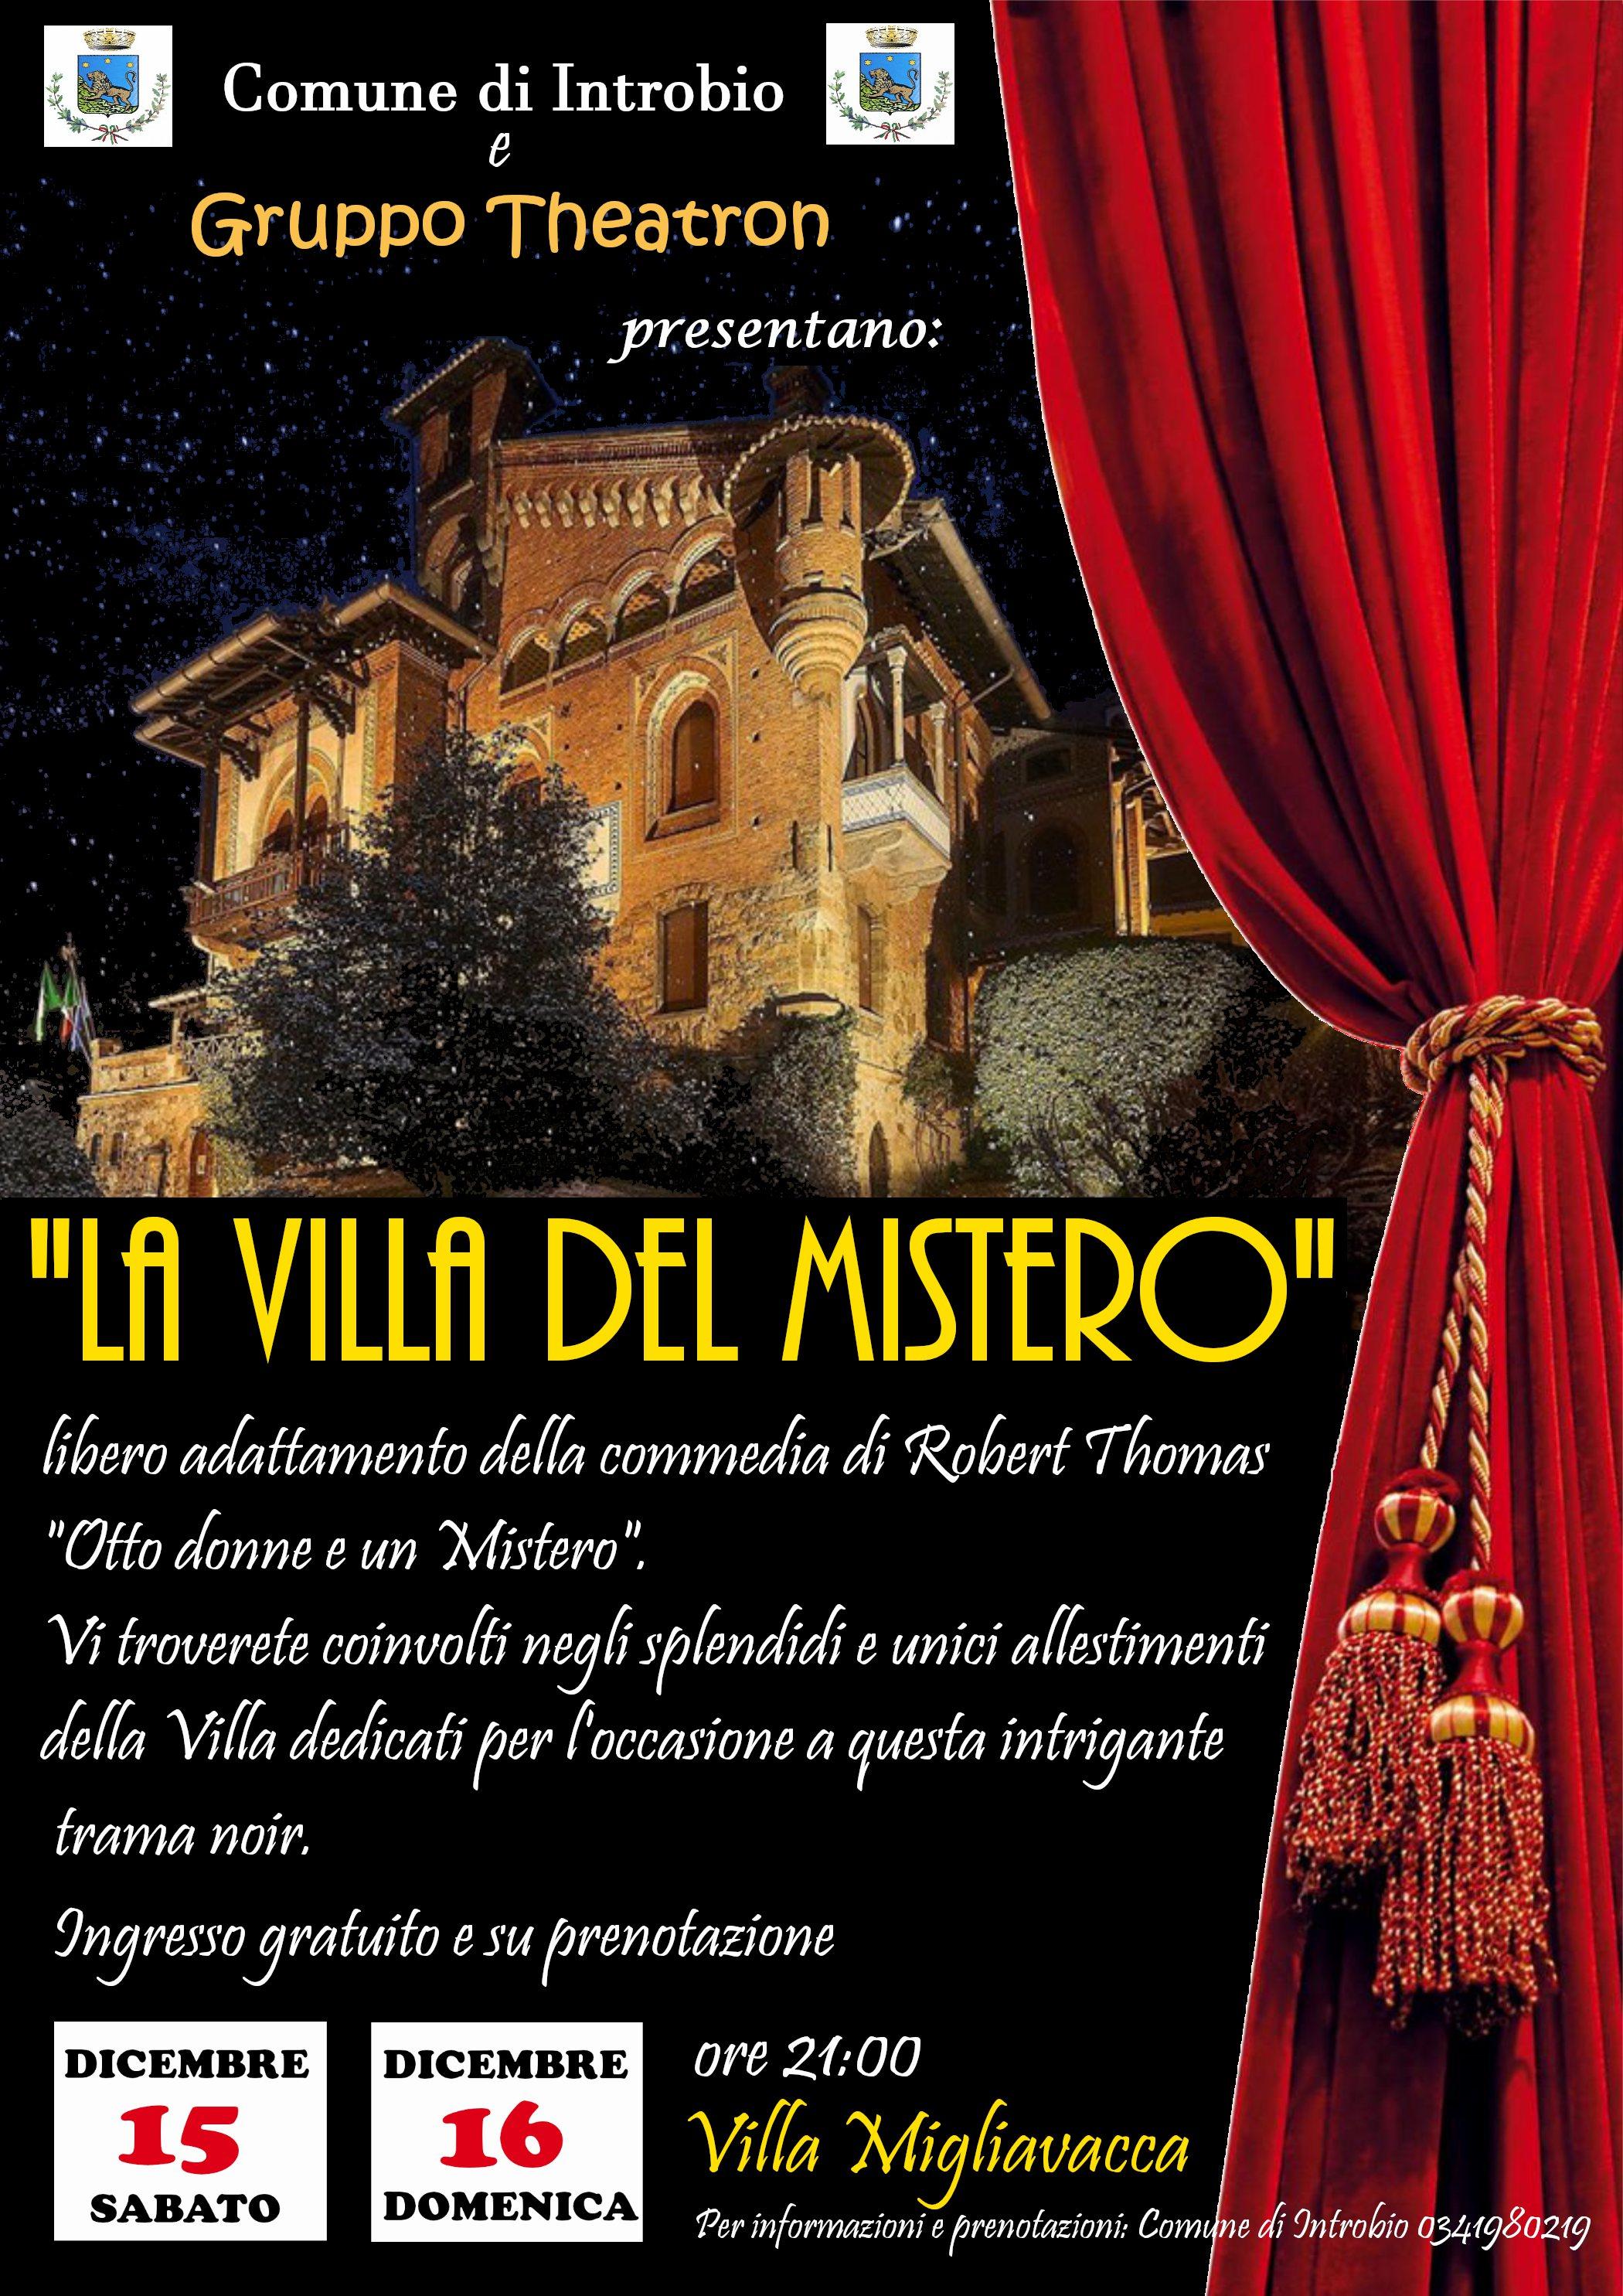 La Villa del Mistero a Introbio